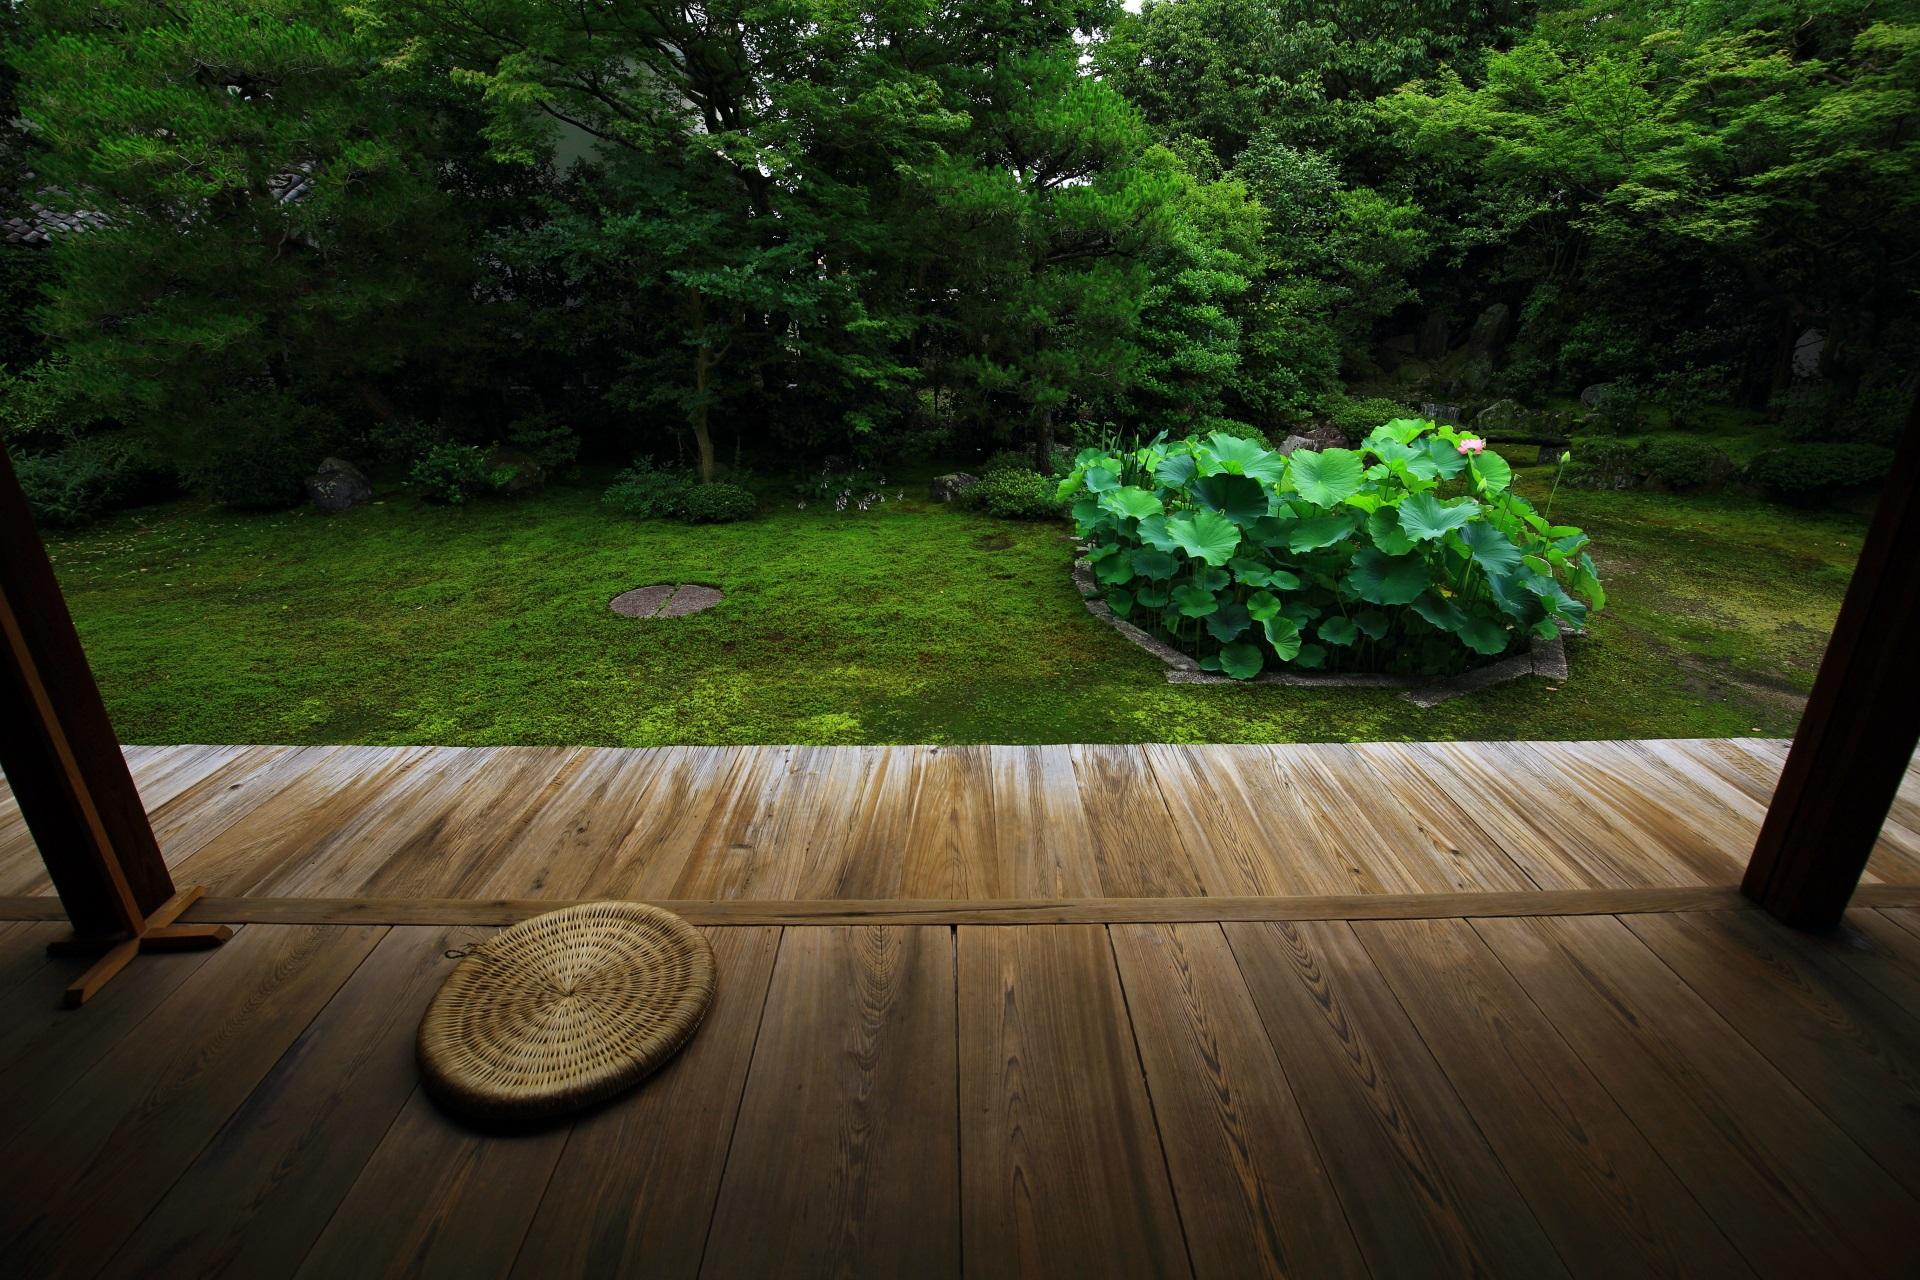 巴の文字の築山が三つあるため「三巴の庭」と呼ばれる本法寺の庭園